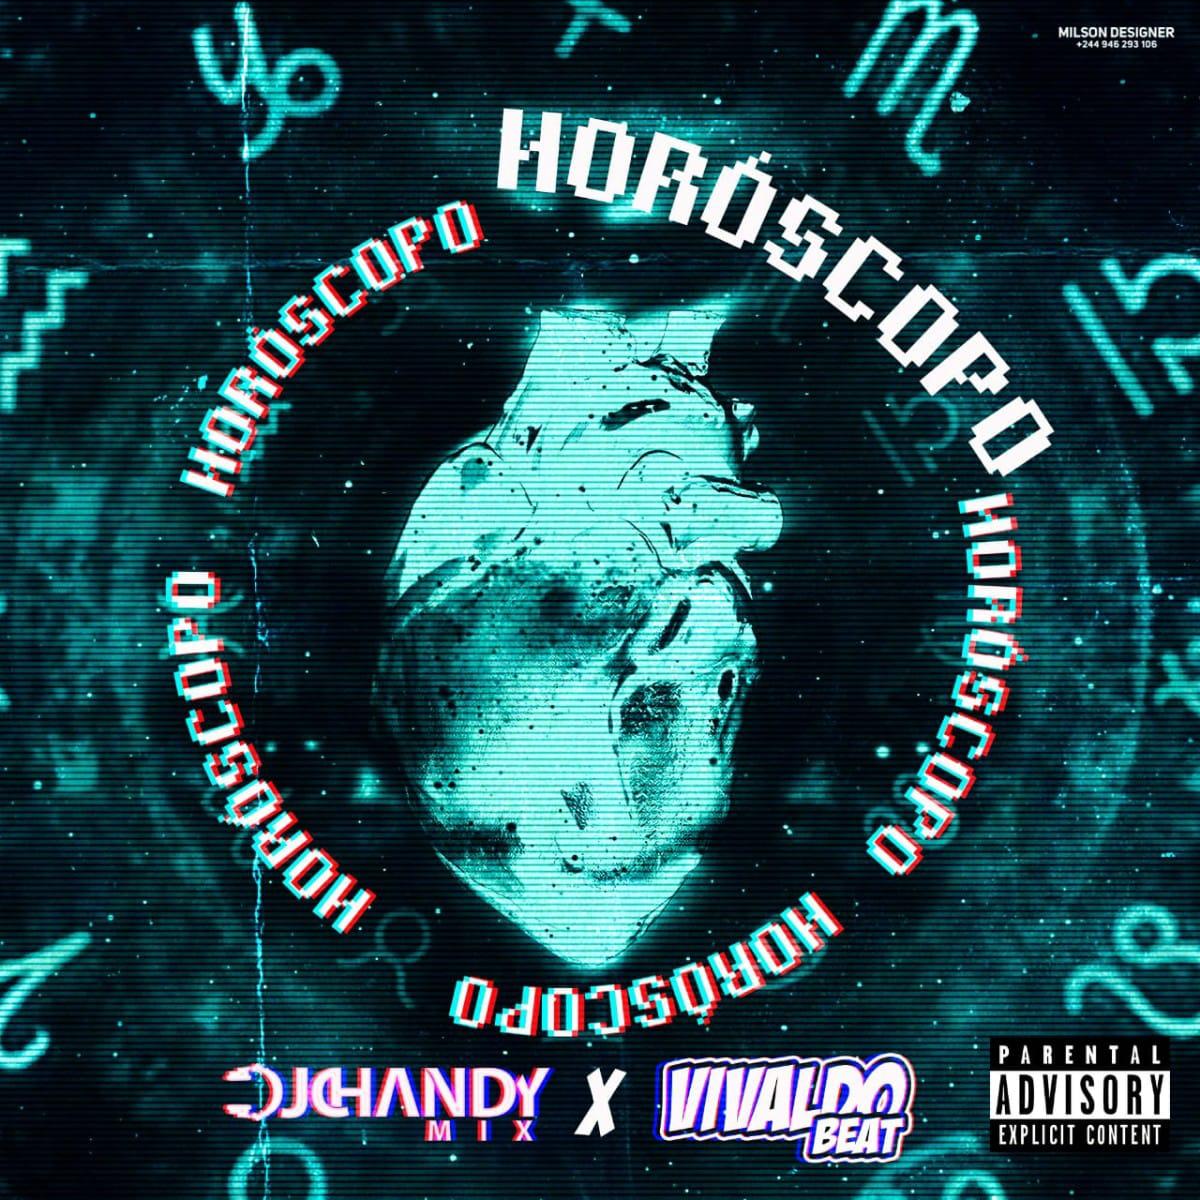 Dj Chandy - Horóscopo (feat. Vivaldo Beatz)